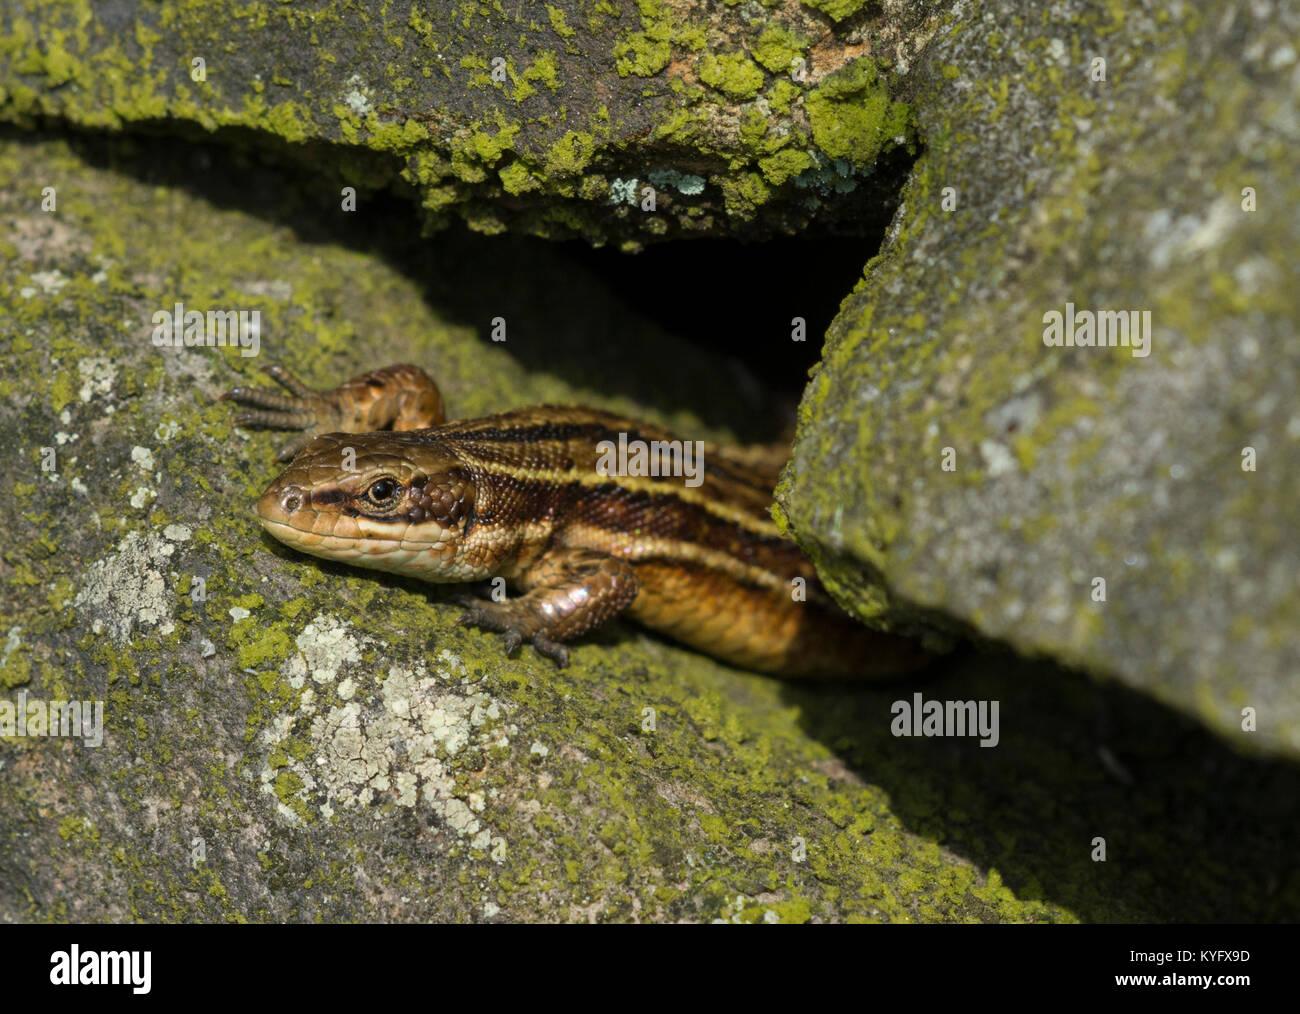 Gravid weiblich common/lebendgebärenden Eidechse Zootoca vivipara Nordenglischen Pennines. Stockfoto